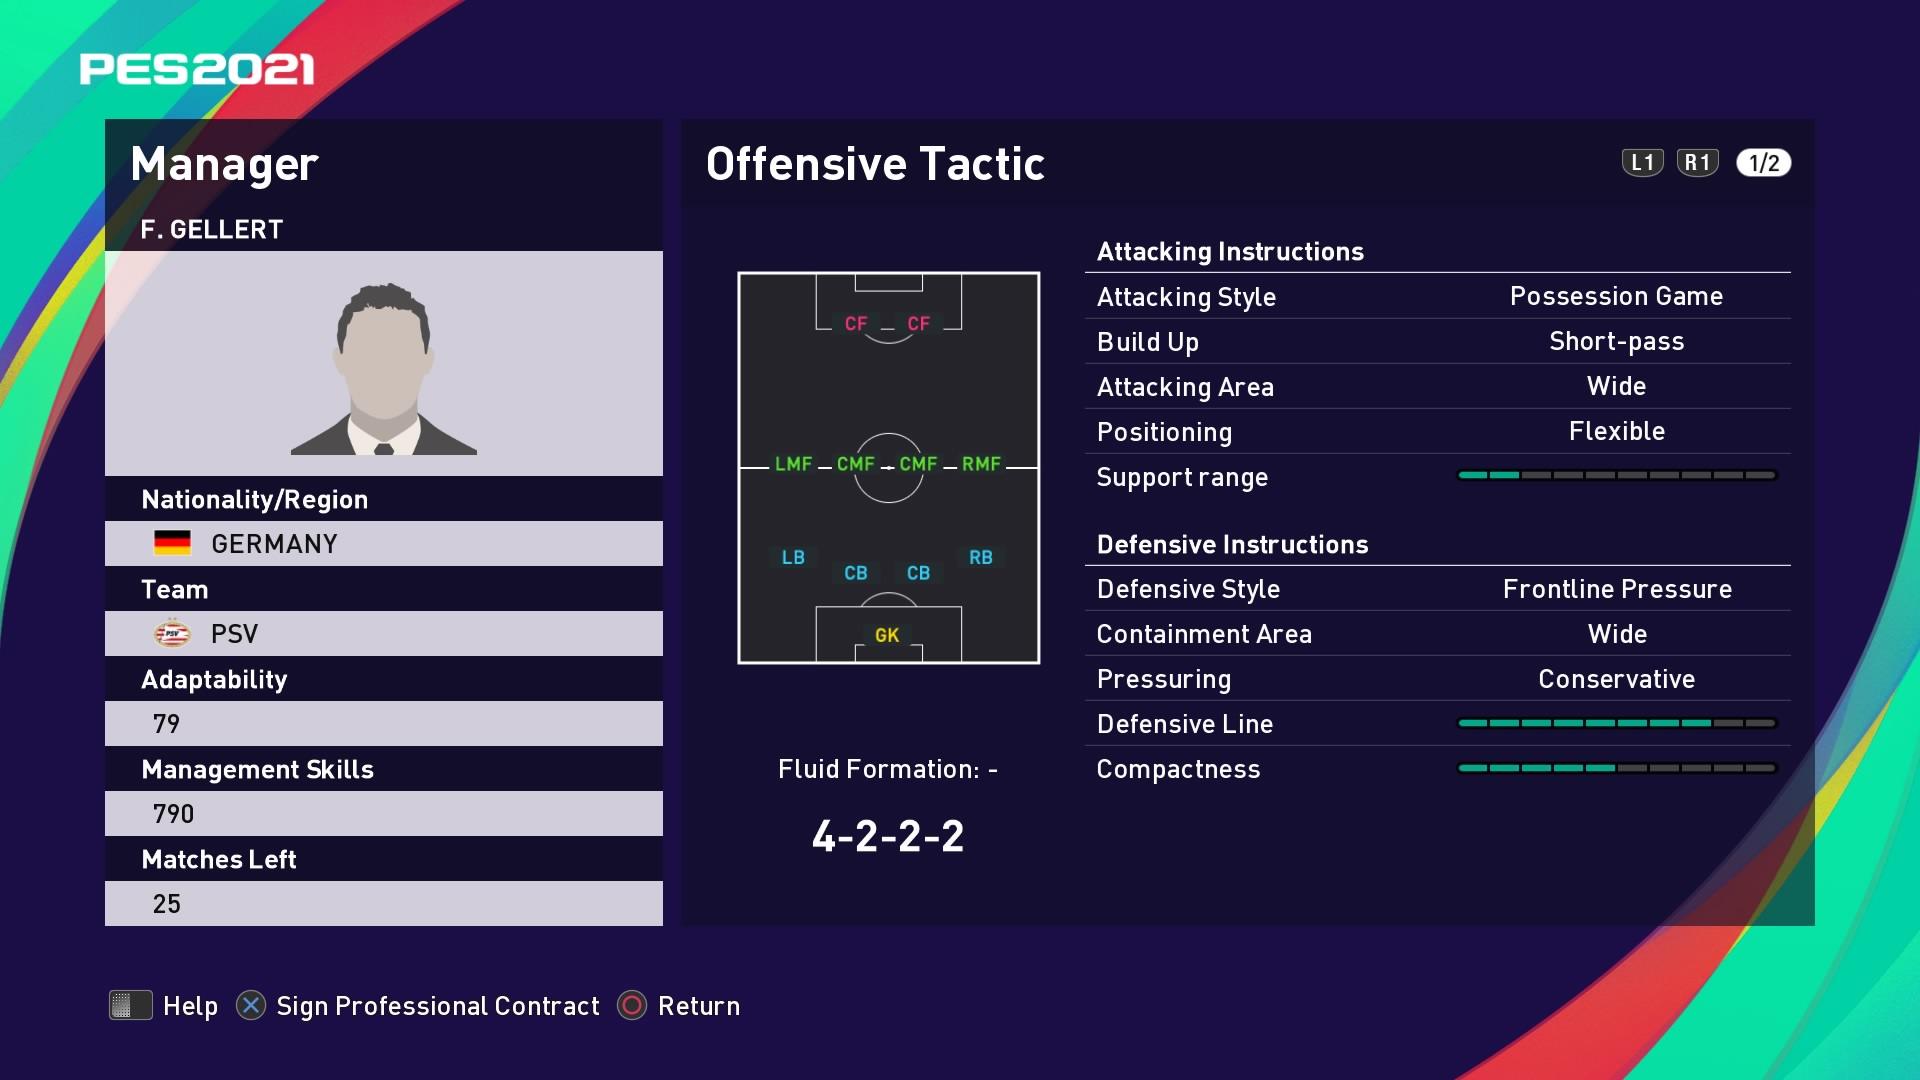 F. Gellert (Roger Schmidt) Offensive Tactic in PES 2021 myClub